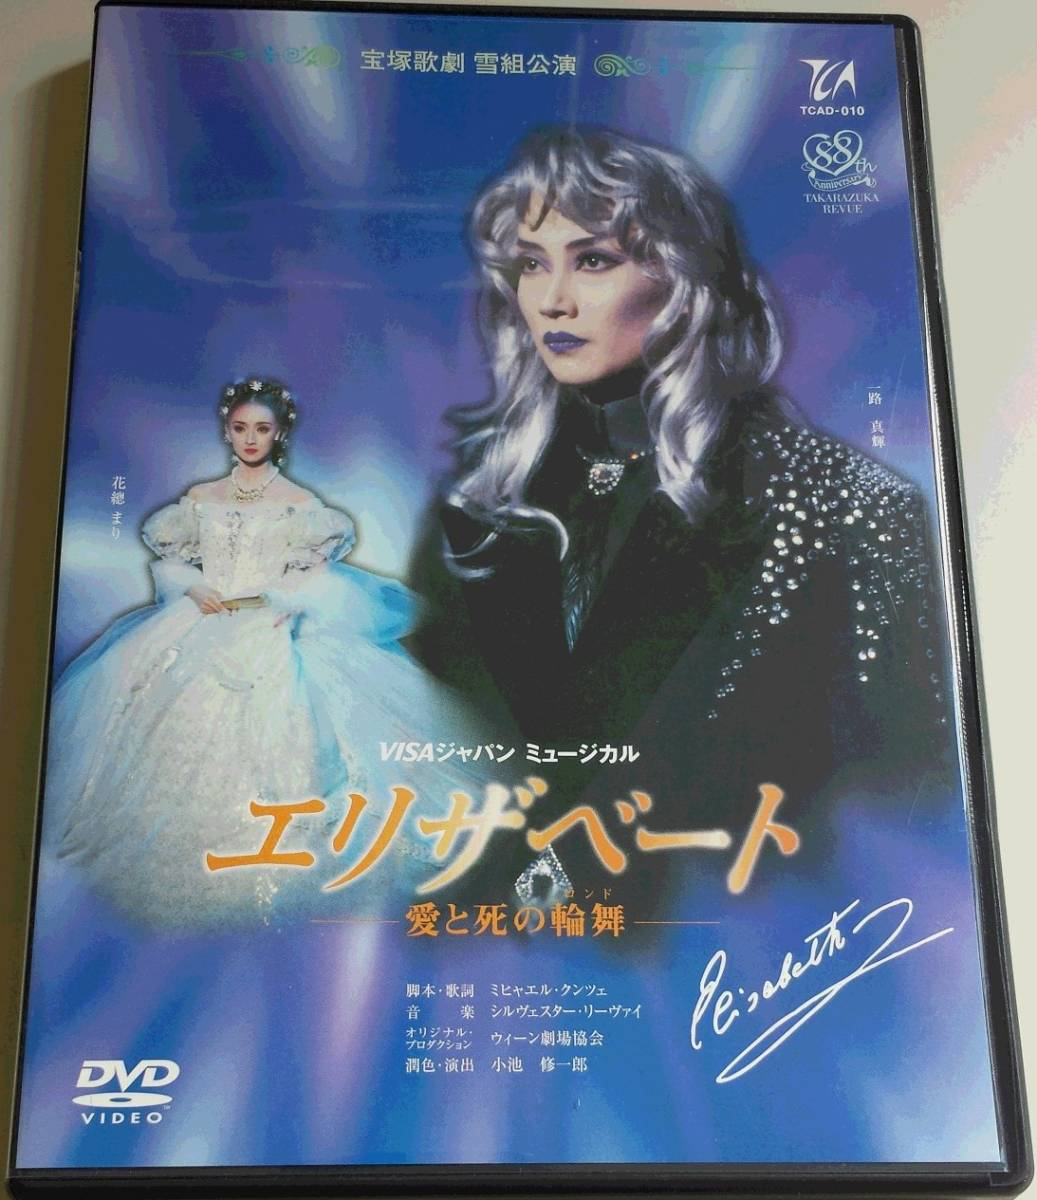 宝塚歌劇 DVD 雪組『エリザベート』 一路真輝 轟悠 花總まり グッズの画像